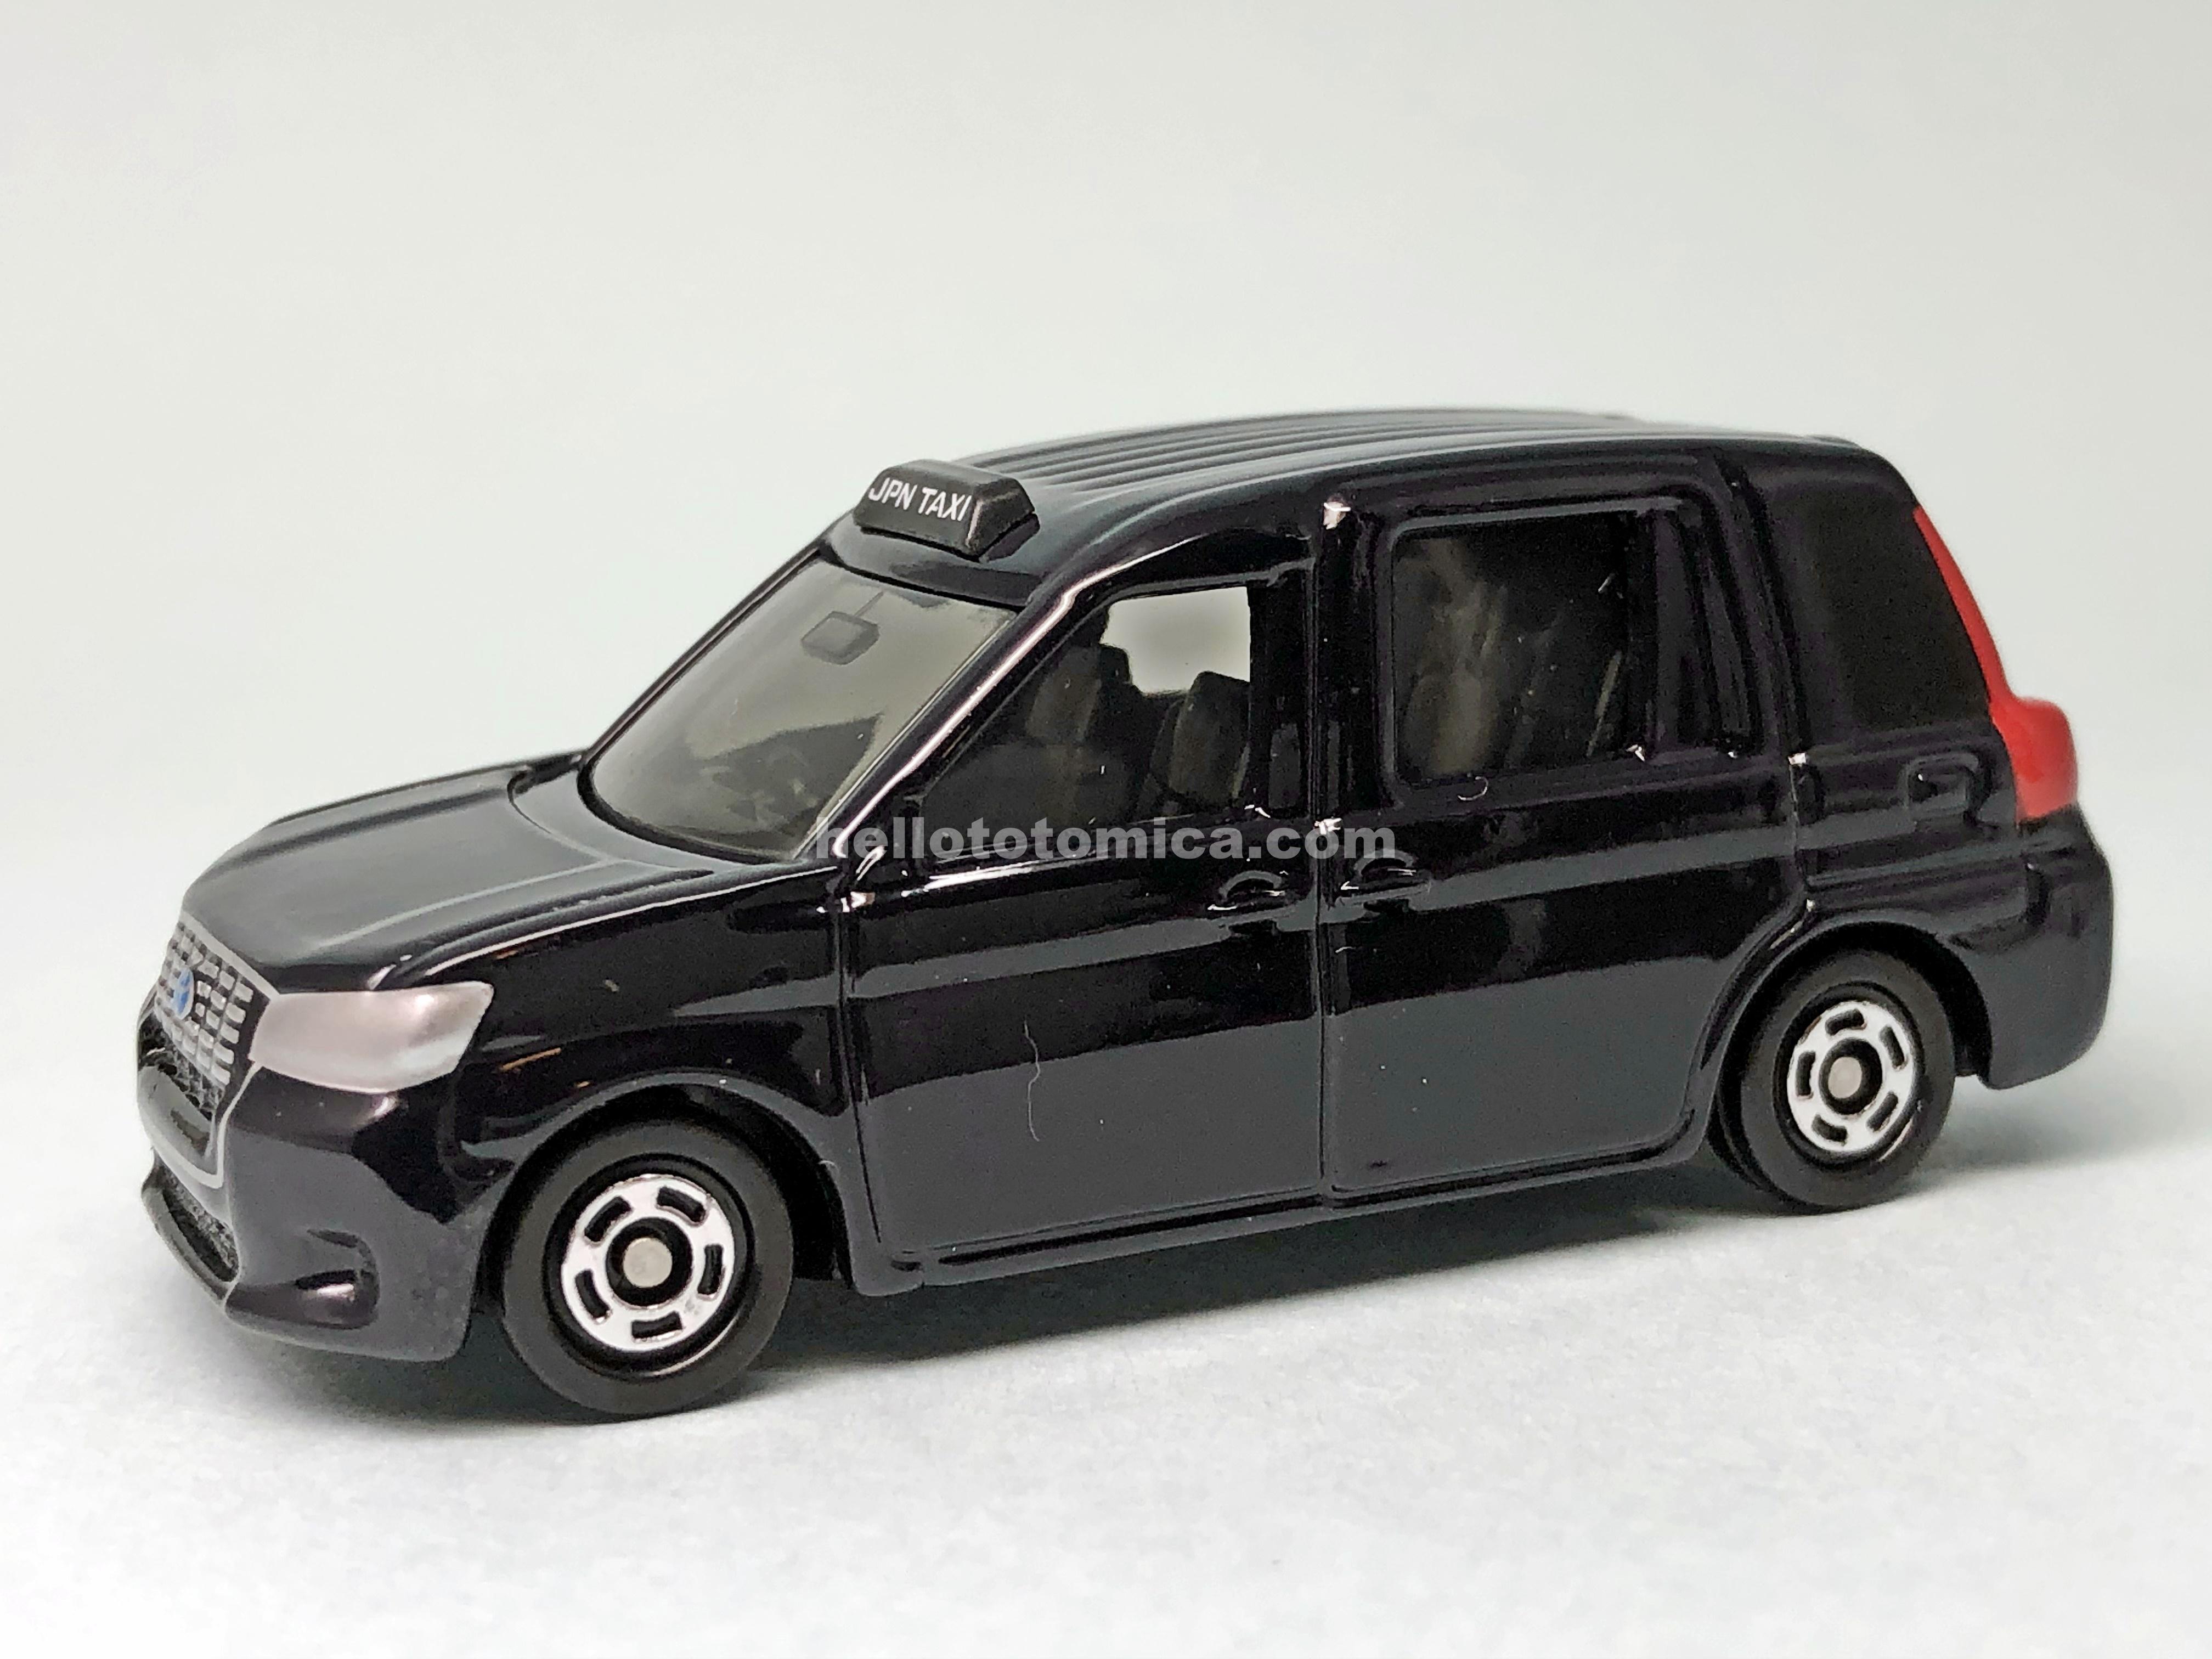 27-12 Toyota JPN TAXI